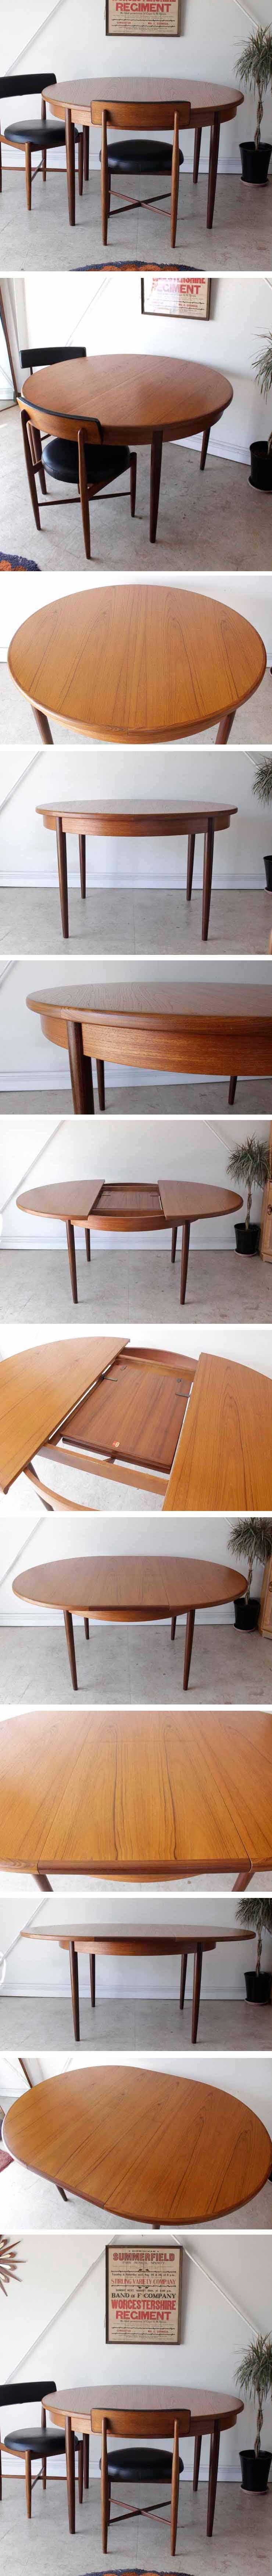 イギリス製・G-plan・ジープラン・フレスコ・ダイニングテーブル・ビンテージ・アンティーク